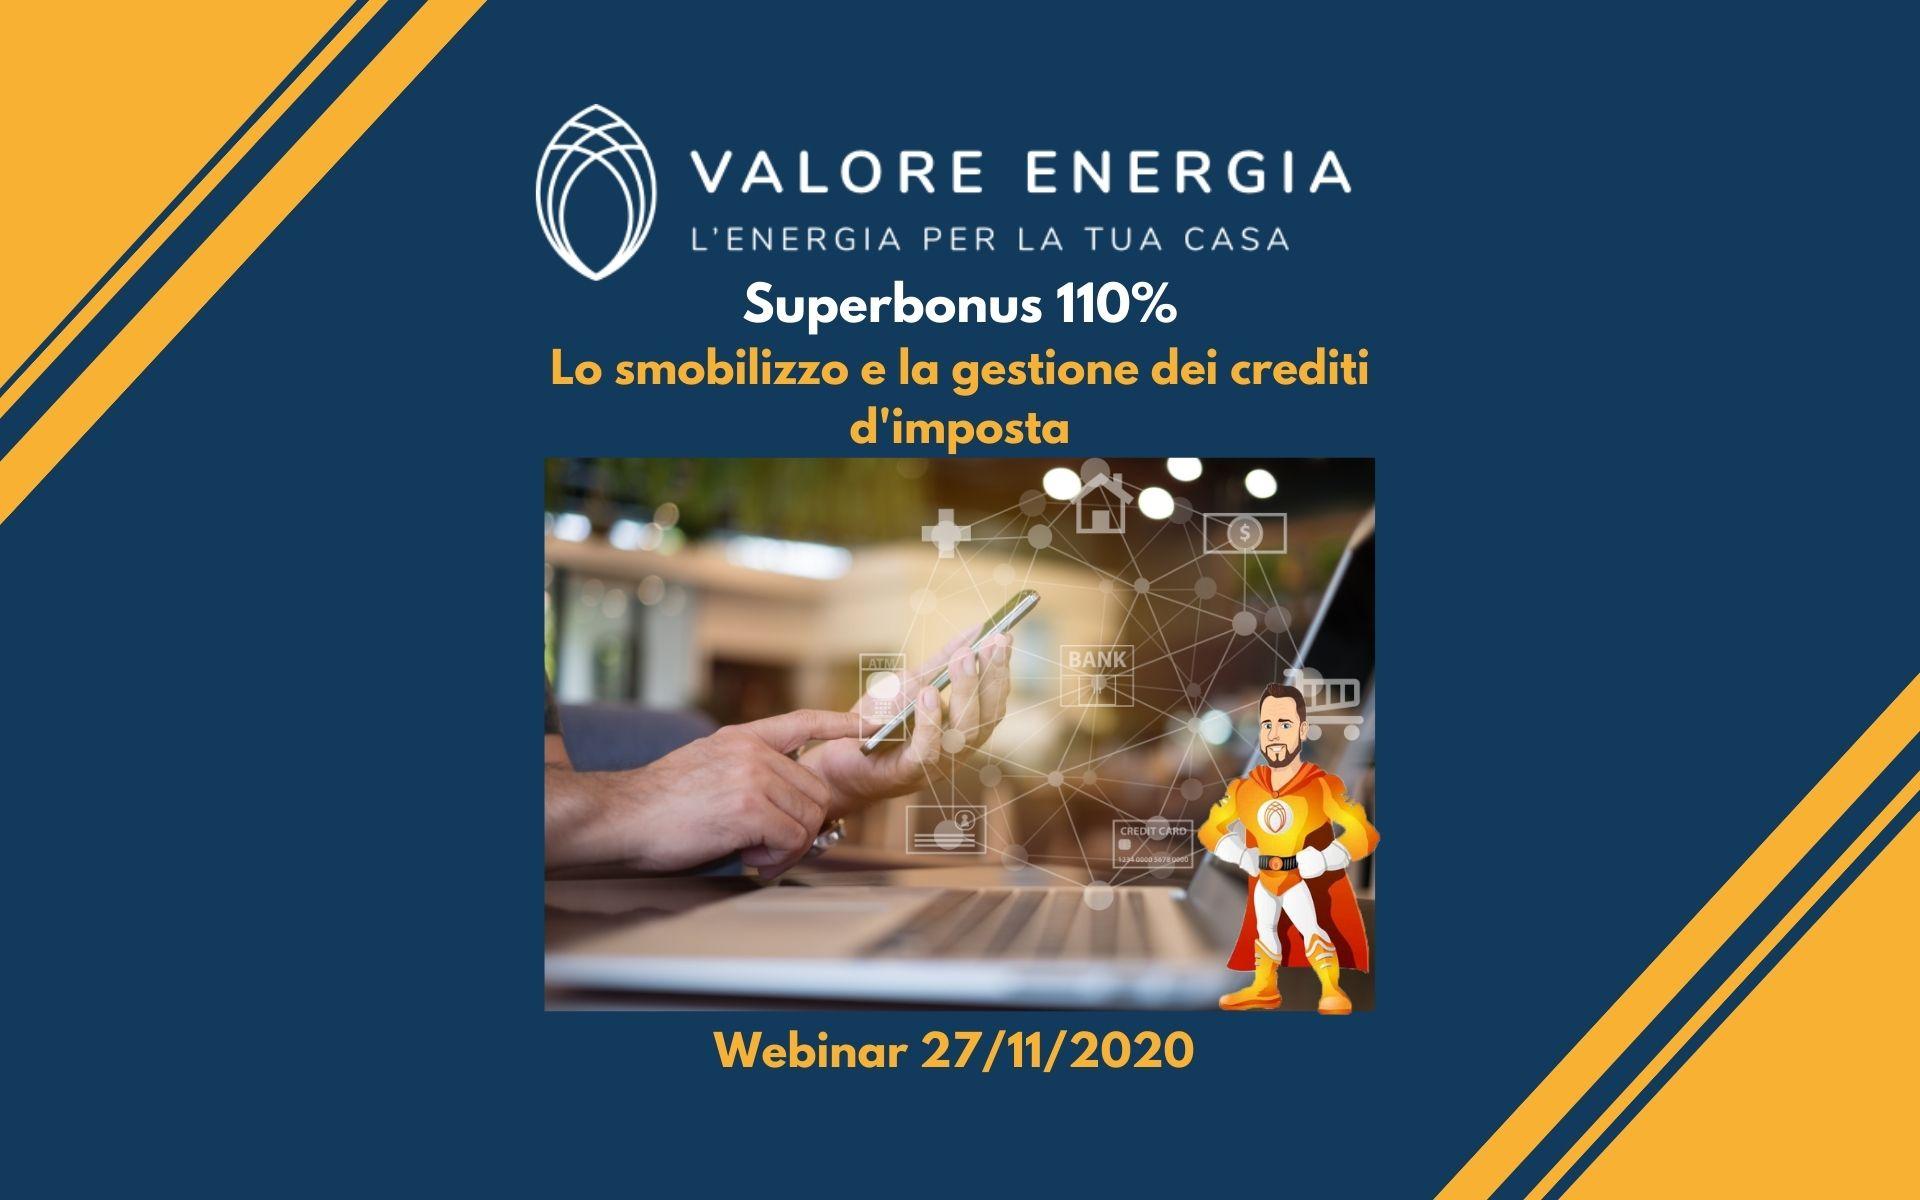 Webinar sul Superbonus 110%: Lo smobilizzo e la gestione dei crediti d'imposta